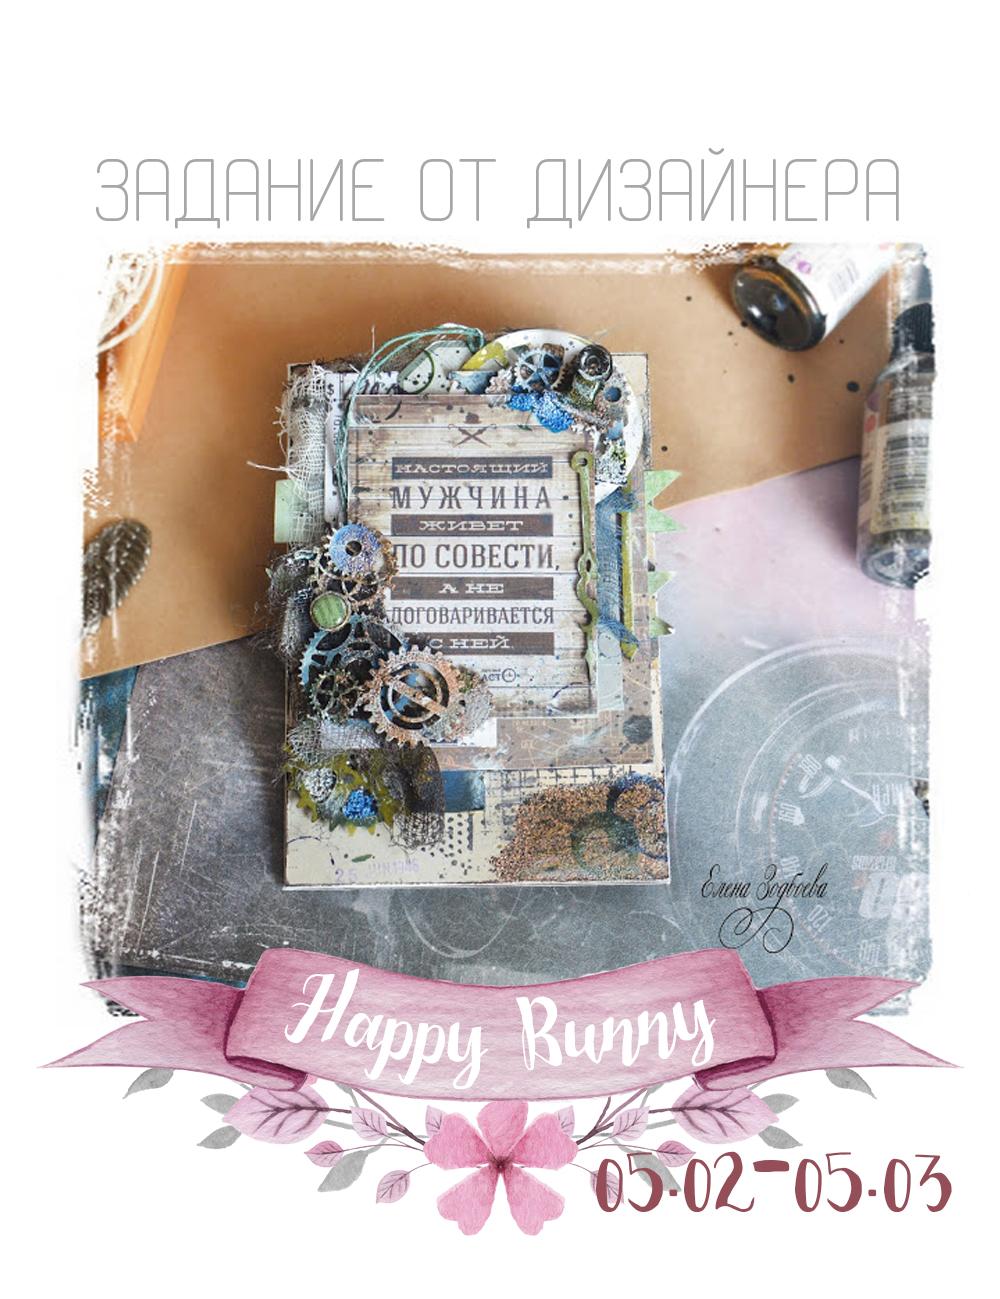 """Задание """"О мужчинах"""" в блоге """"HappyBunny"""", 05/03"""